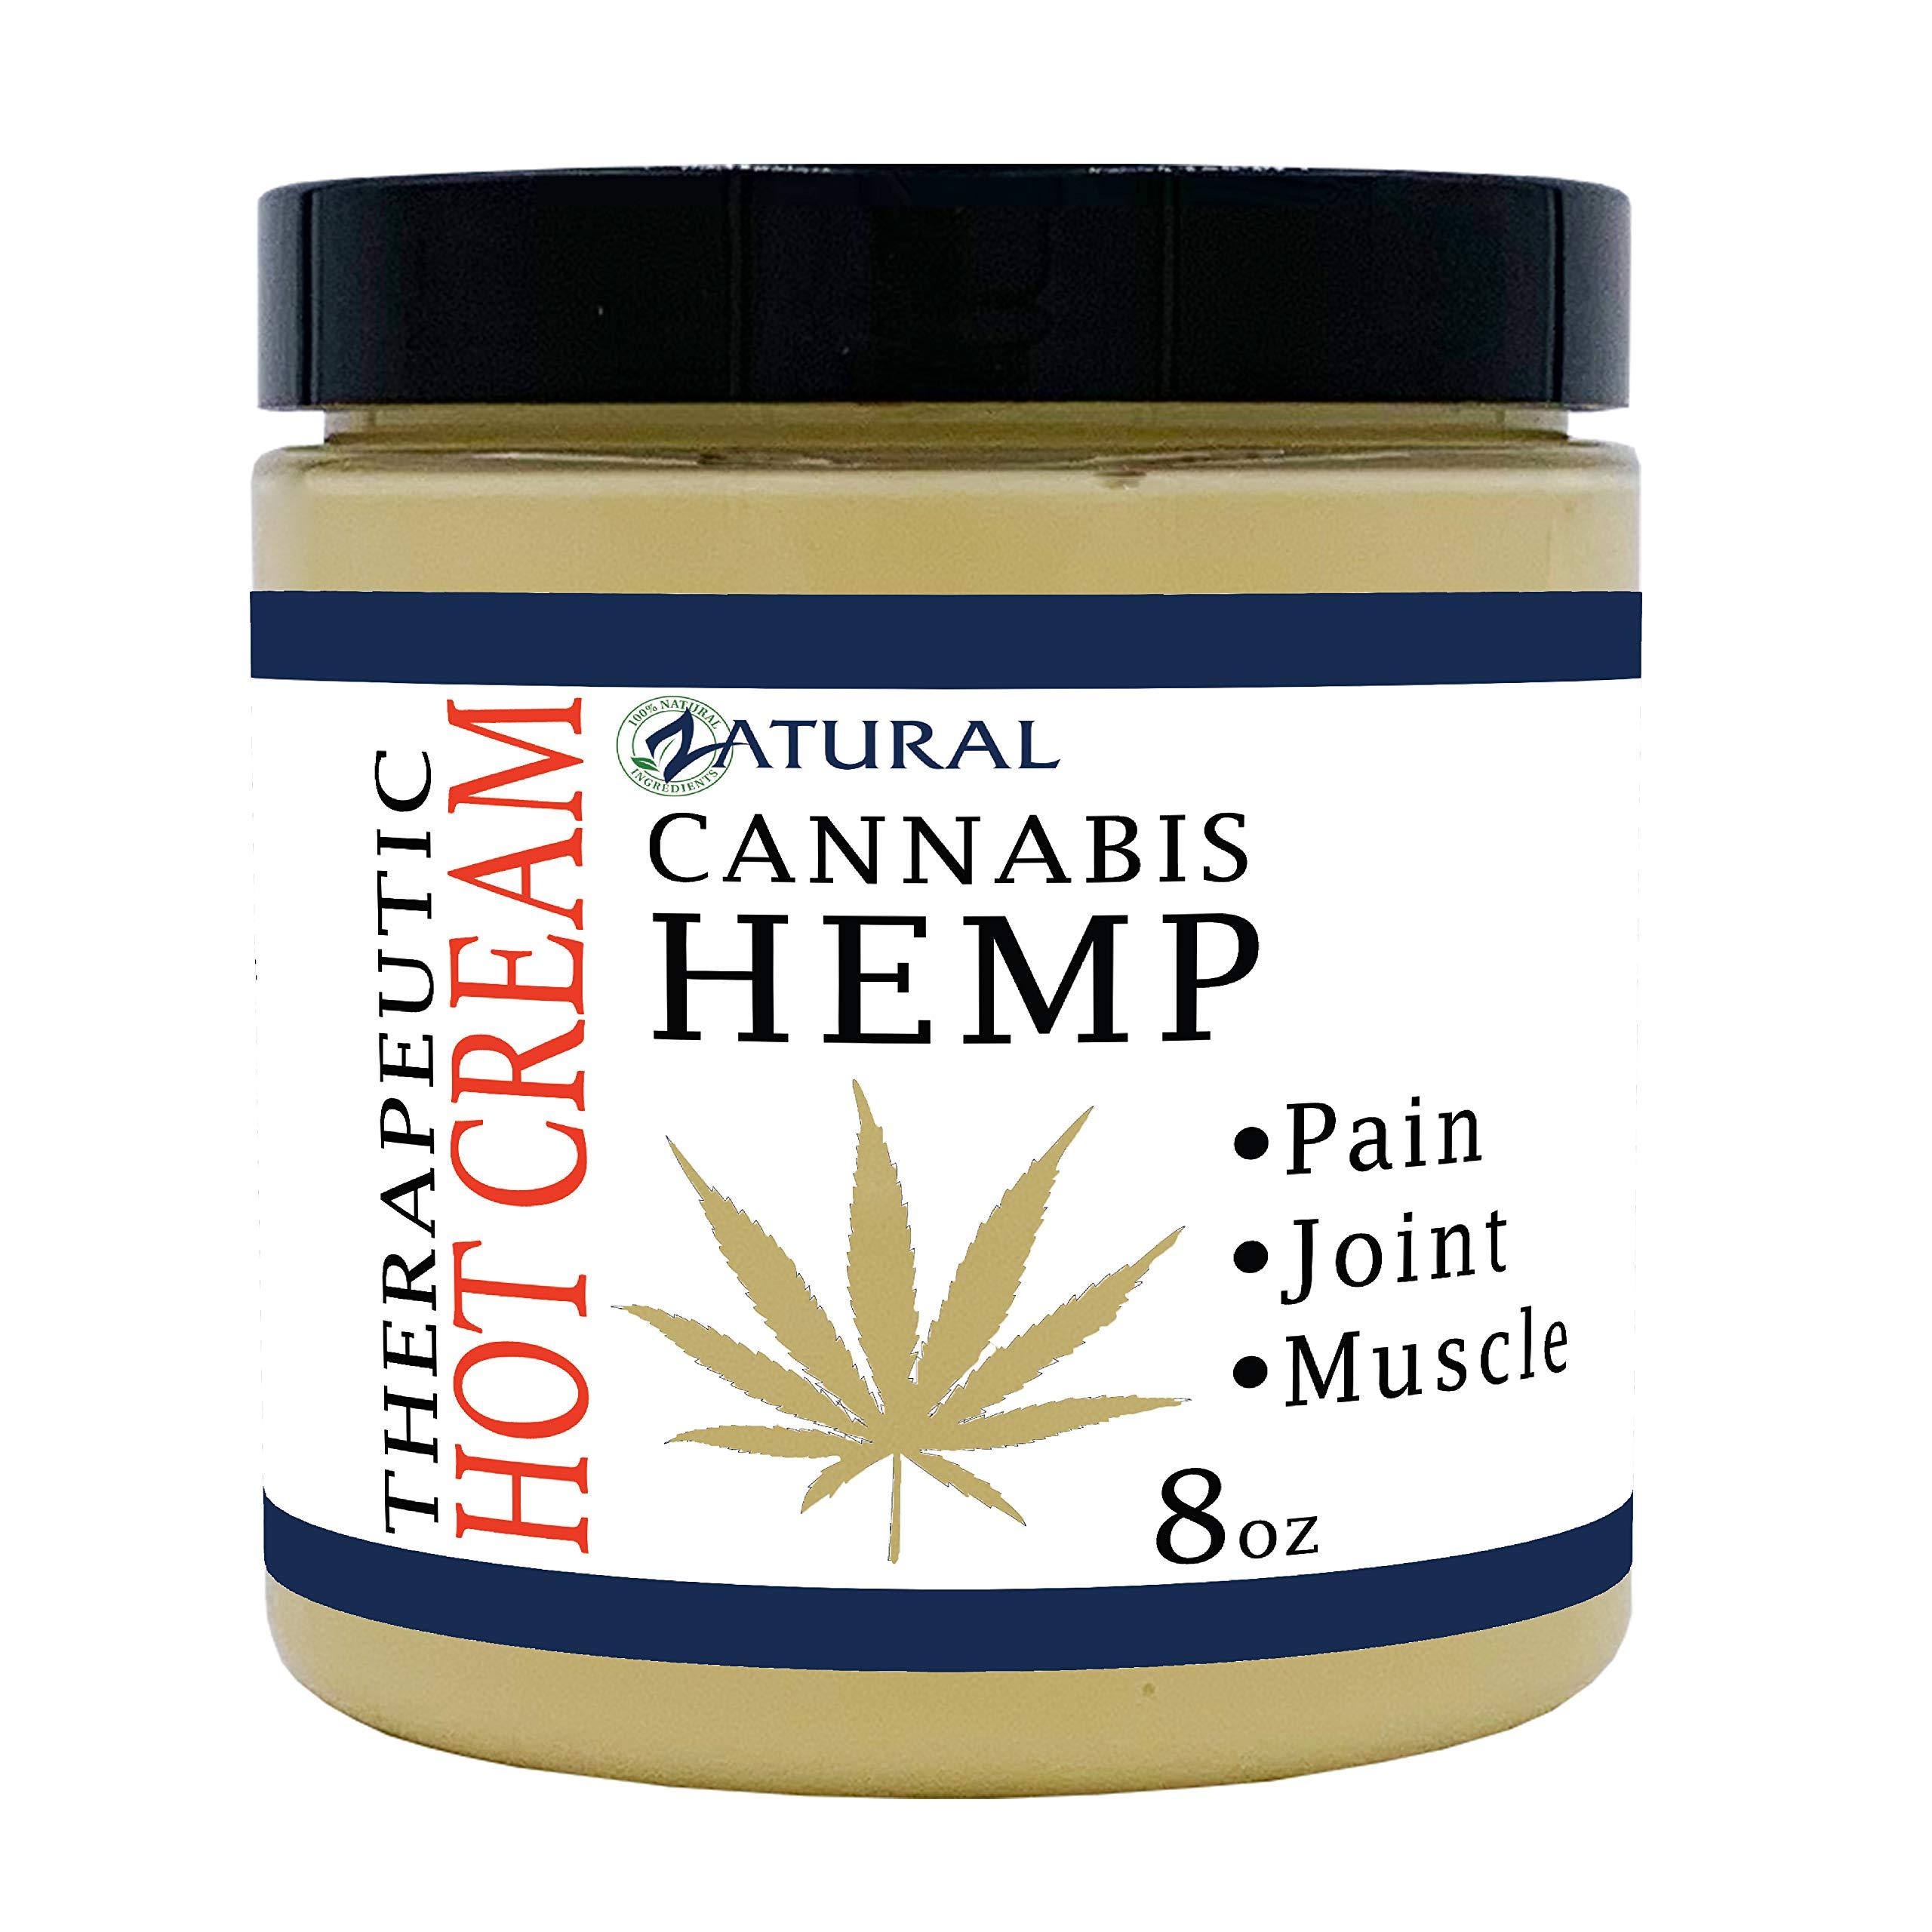 Hemp Hot Cream-Hemp Oil-Organic Hot Cream-Anti Cellulite-Muscle Cream-Pain Support by Zatural